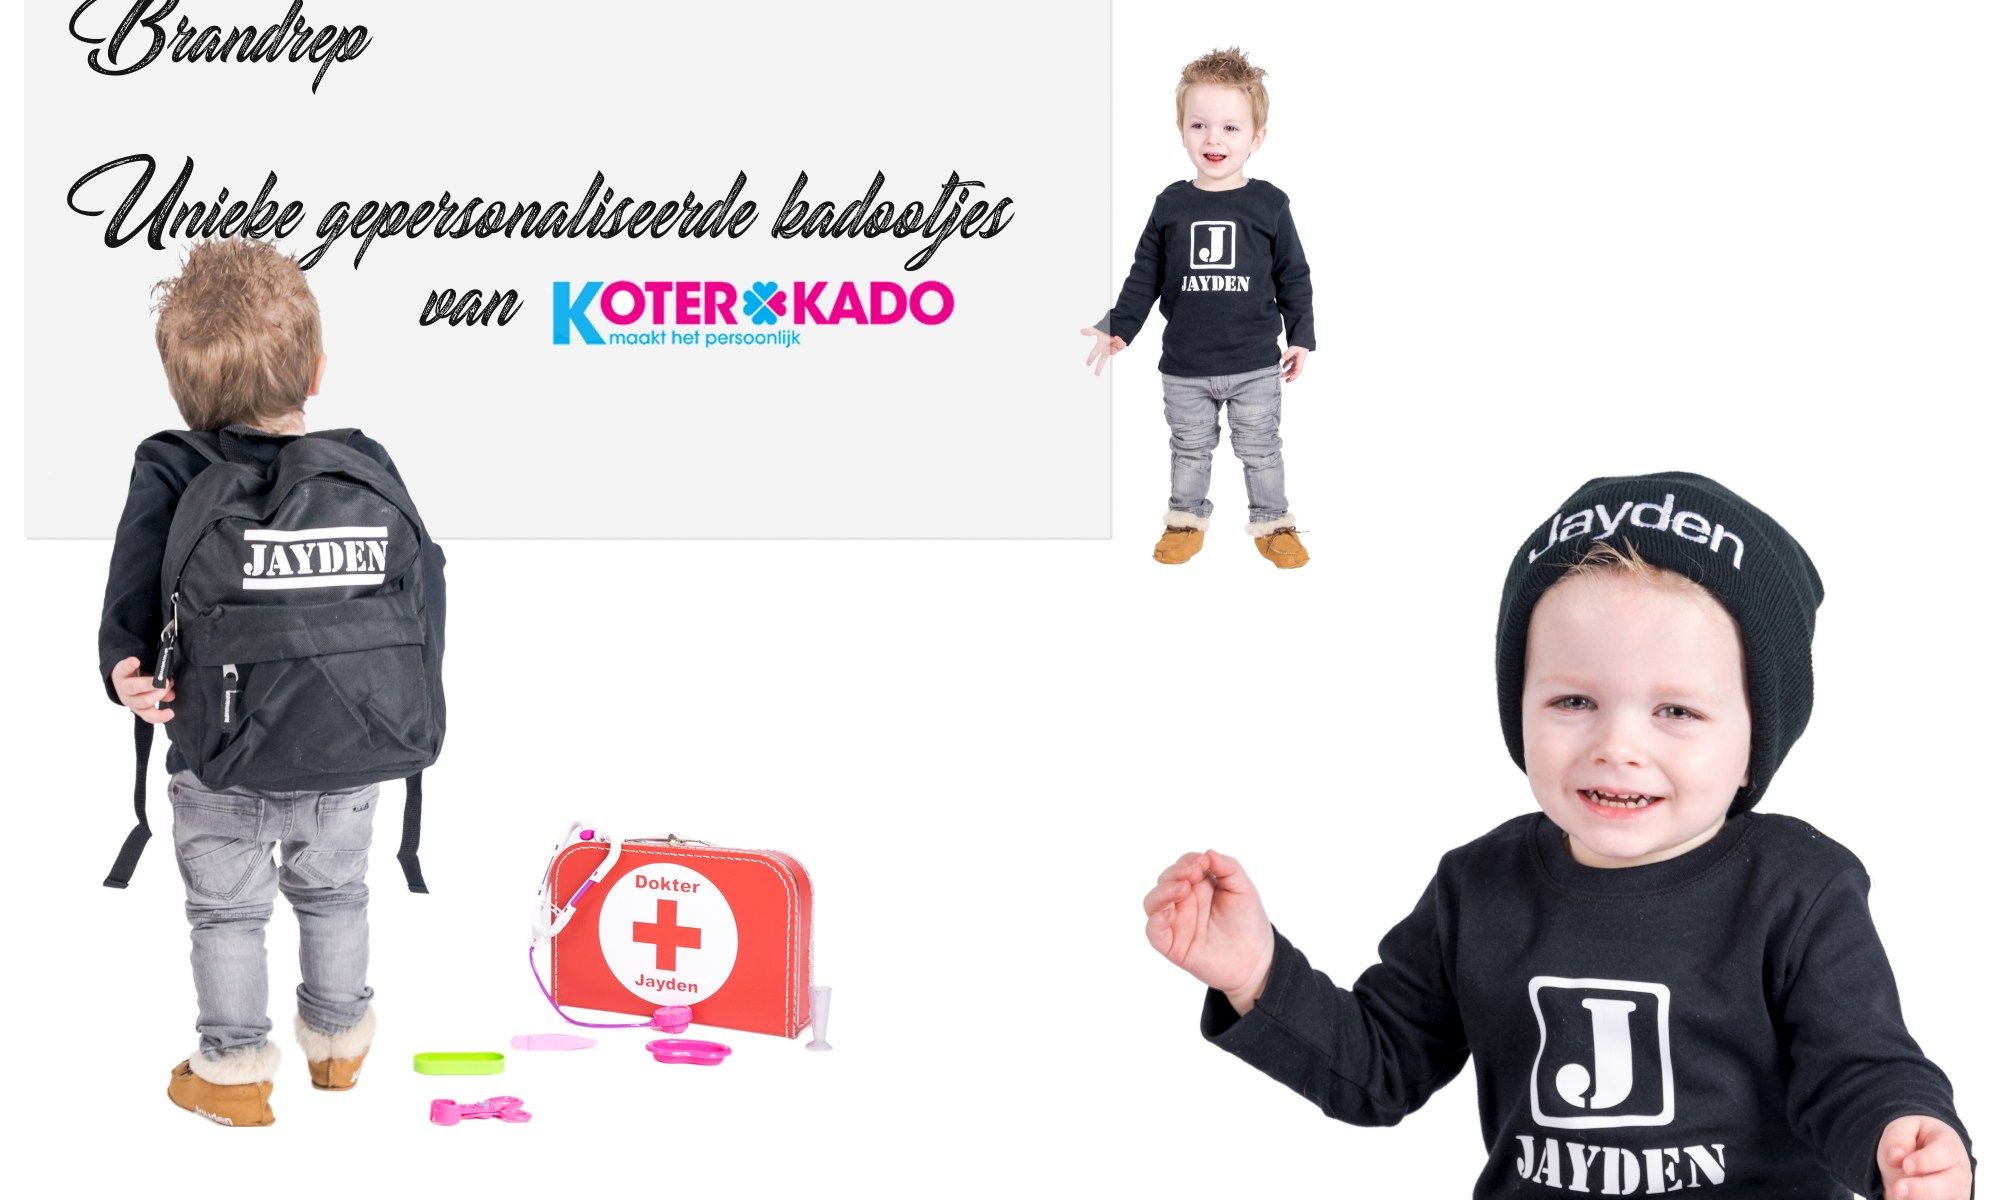 Brandrep mama blog fotograaf Koterkado gepersonaliseerde cadeaus kados kraamkadeau uniek